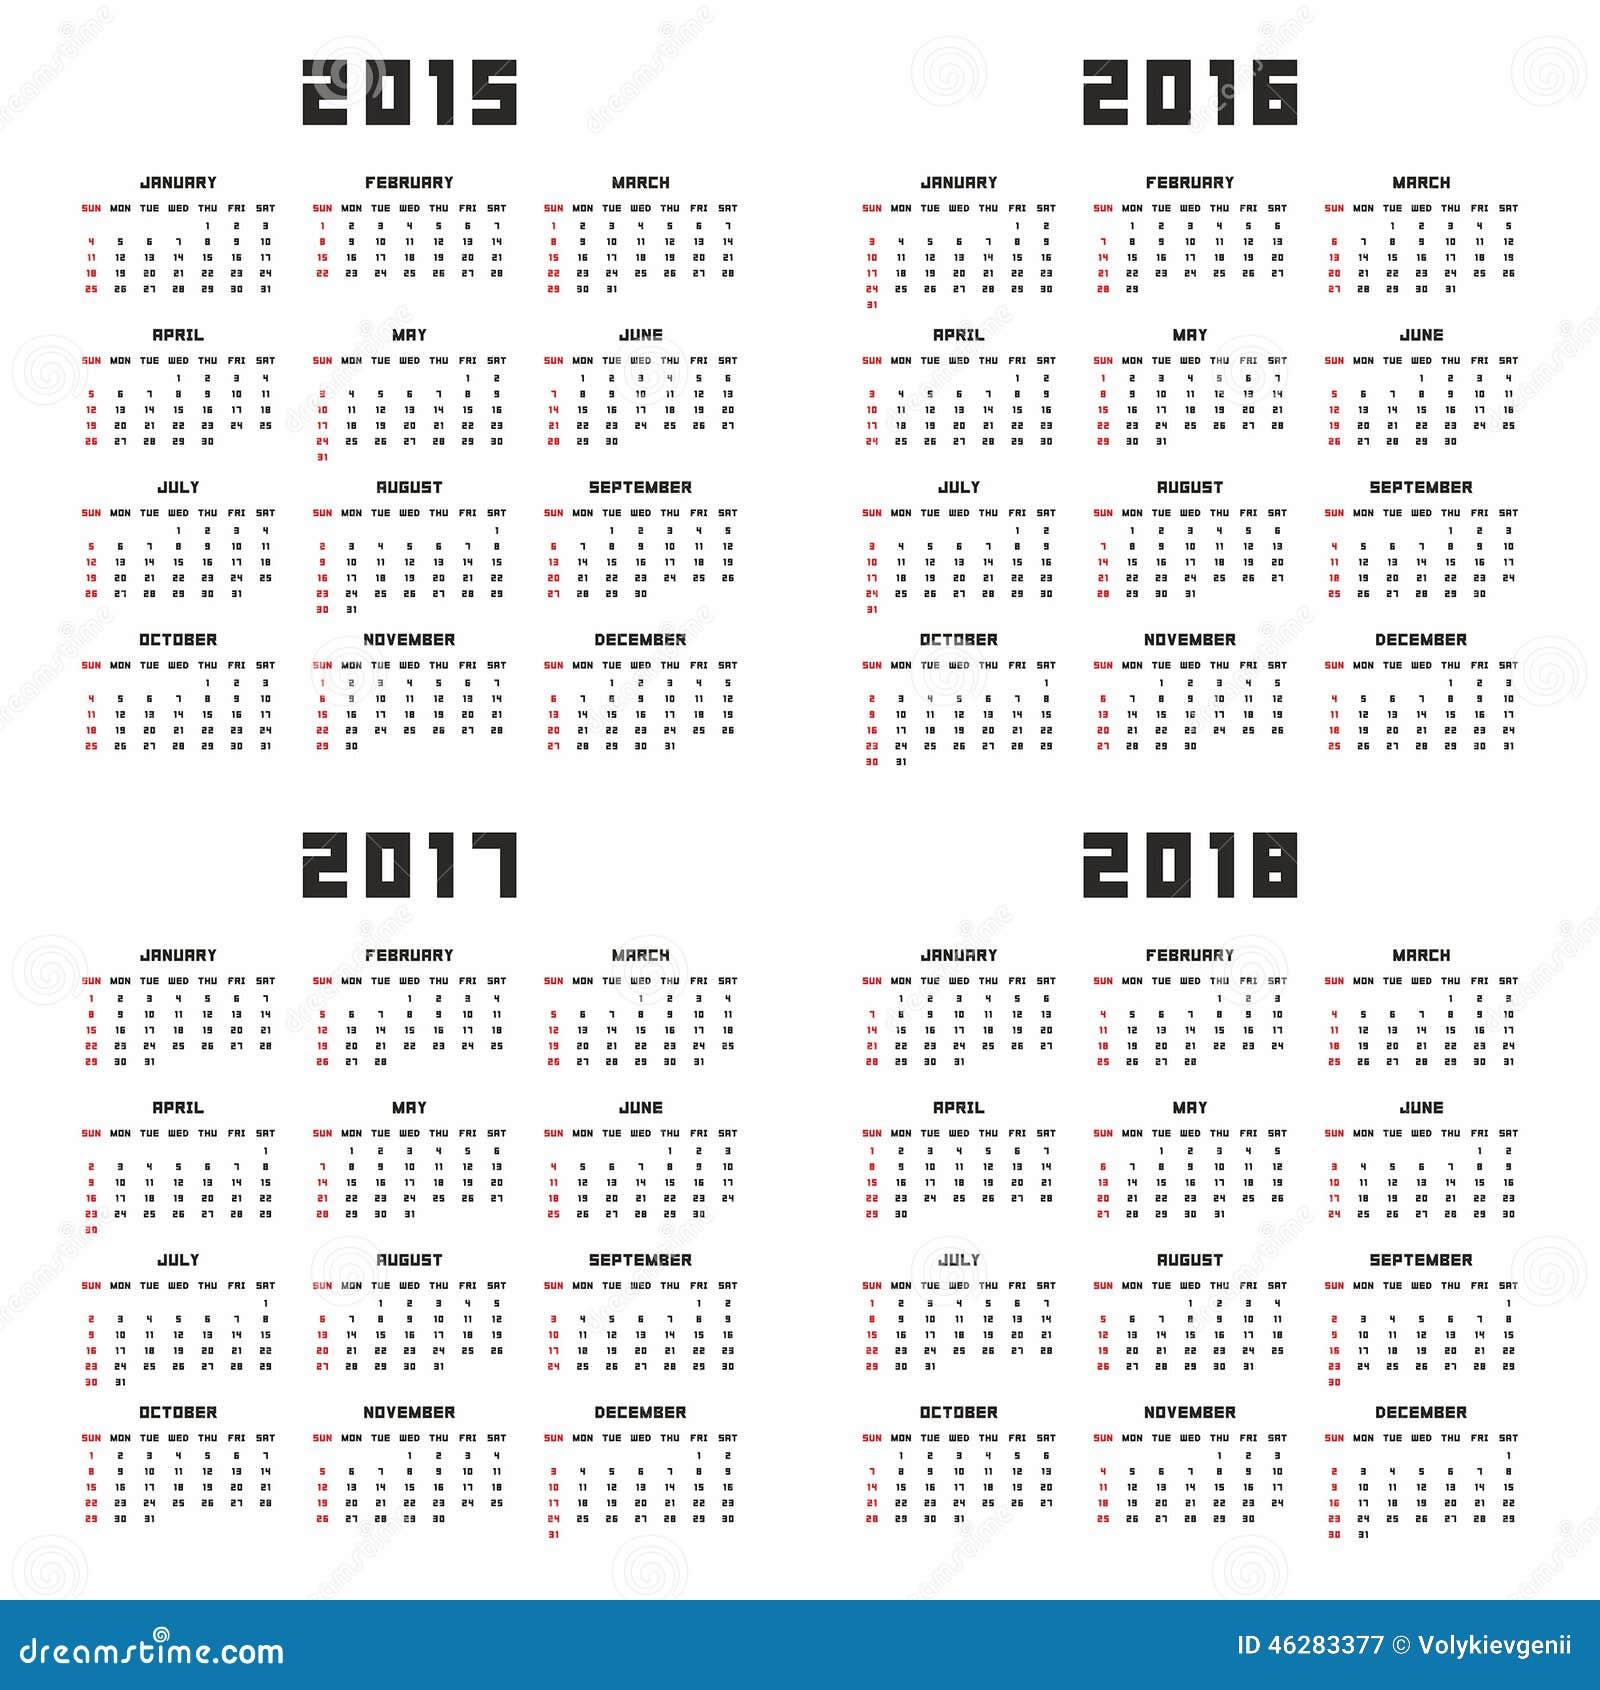 Multi Year Calendar 2016 2017 2018 2019 | Calendar Template 2016